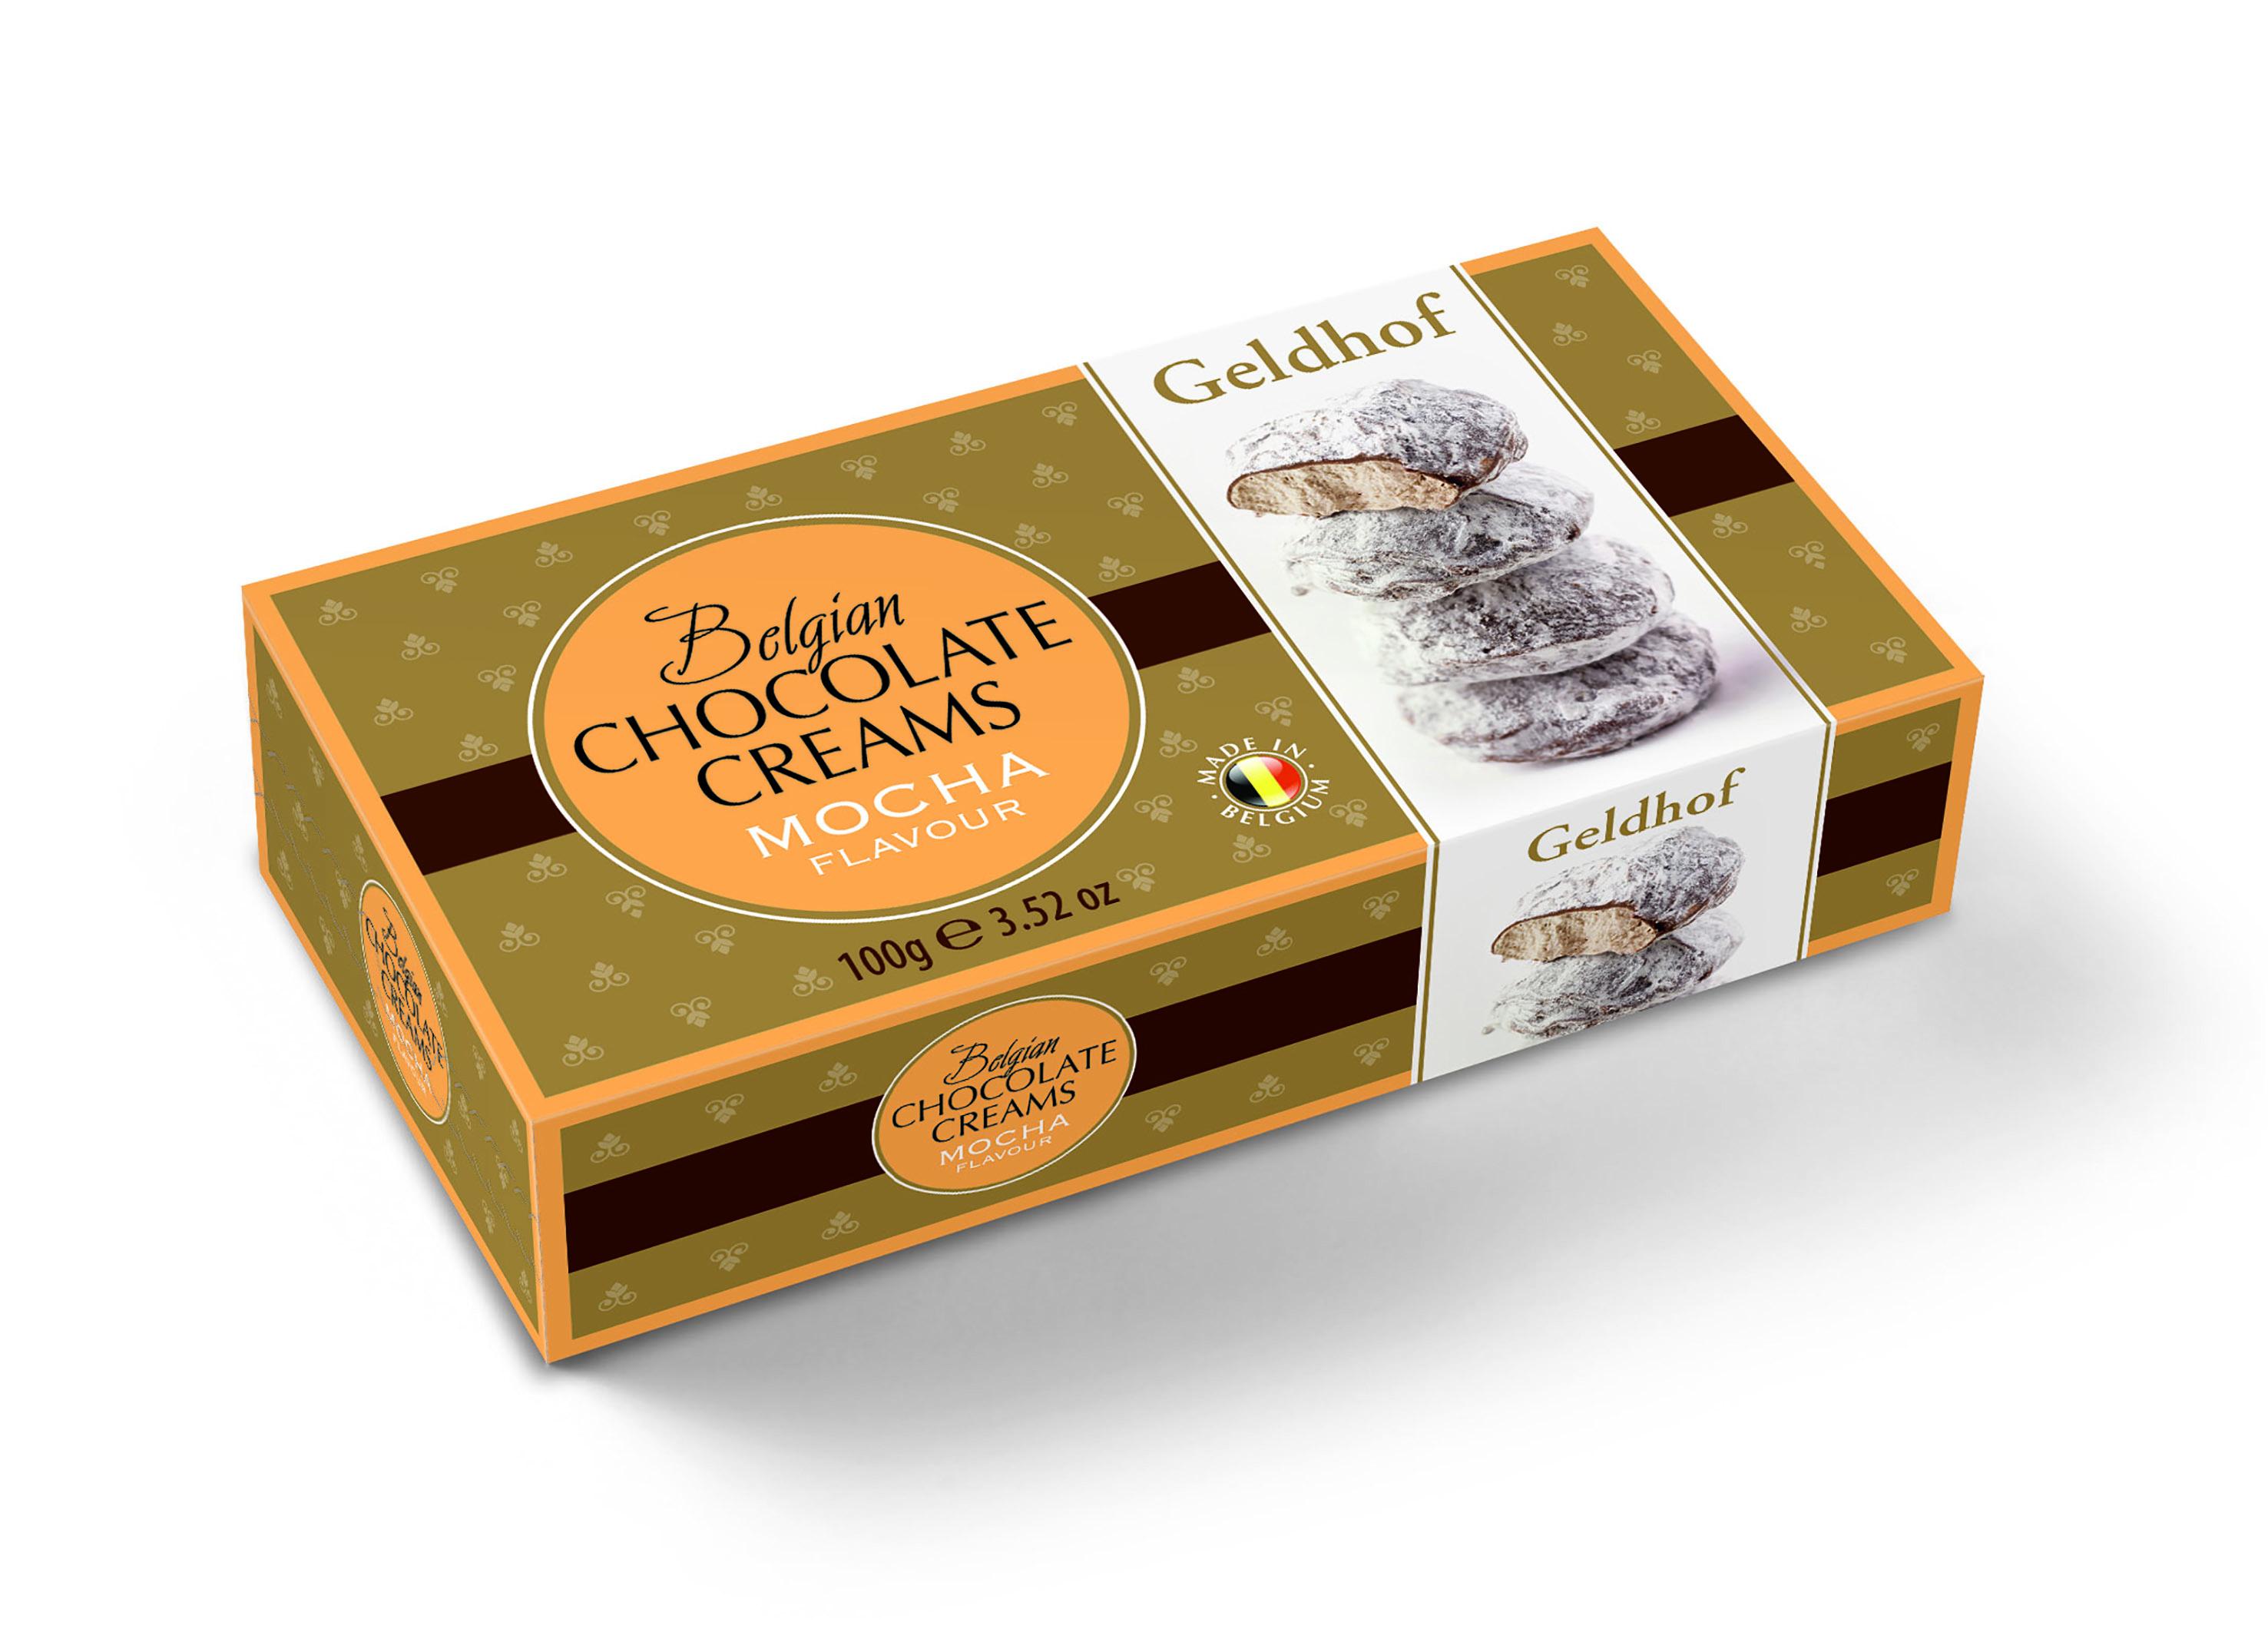 Суфле из белого шоколада со вкусом кофе мокко Geldhof